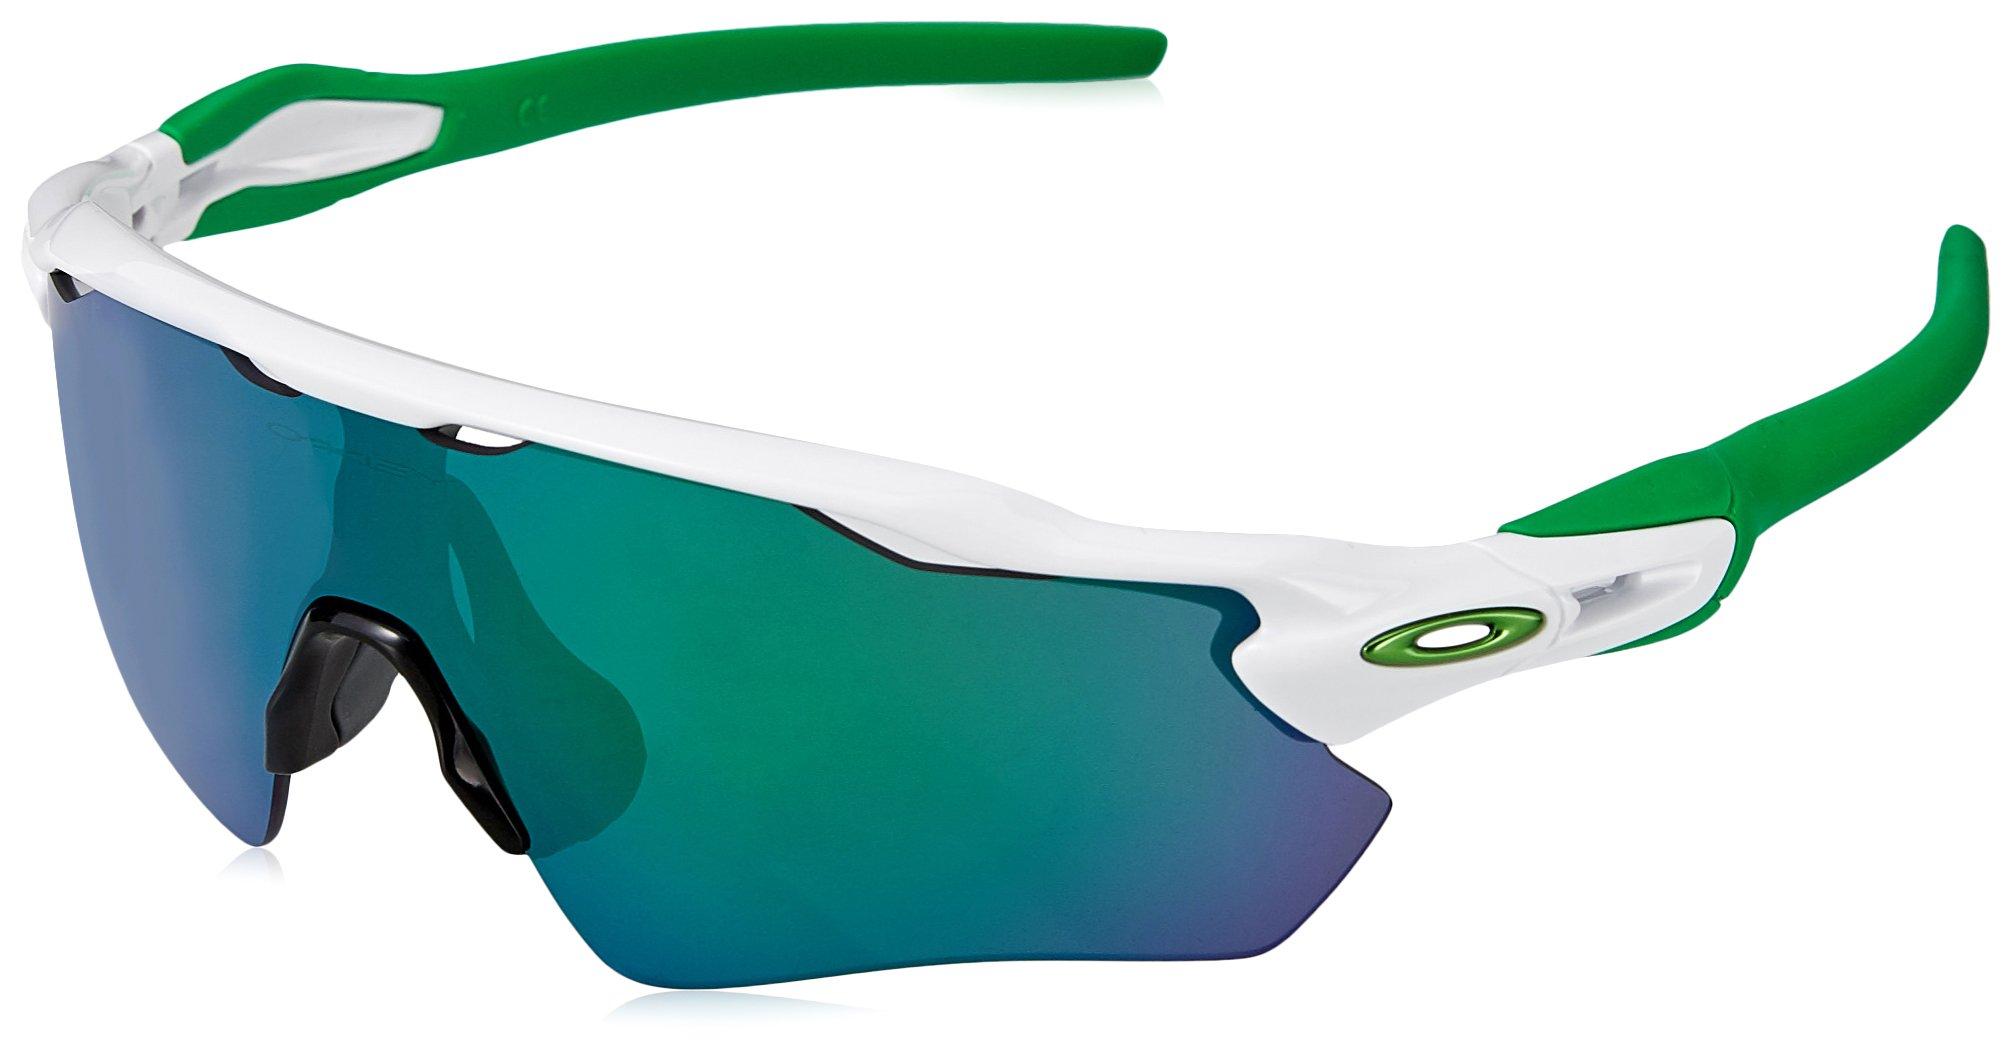 7734104a062 Oakley Men s Radar OO9211-07 Shield Sunglasses